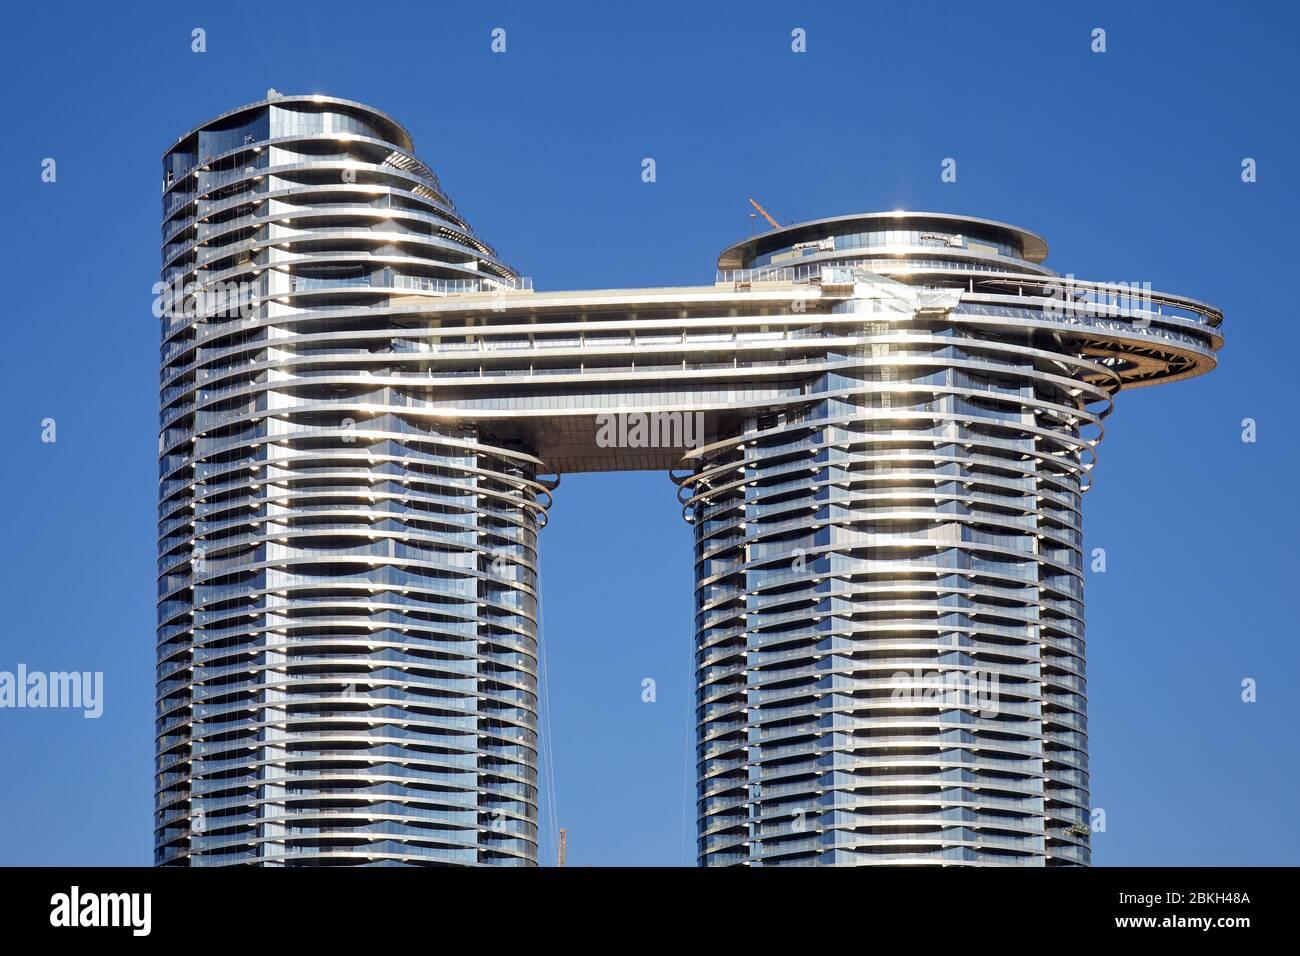 DUBAI, EMIRATS ARABES UNIS - 22 NOVEMBRE 2019: Adresse Sky View hôtel de luxe dans une journée ensoleillée, ciel bleu clair à Dubaï Banque D'Images